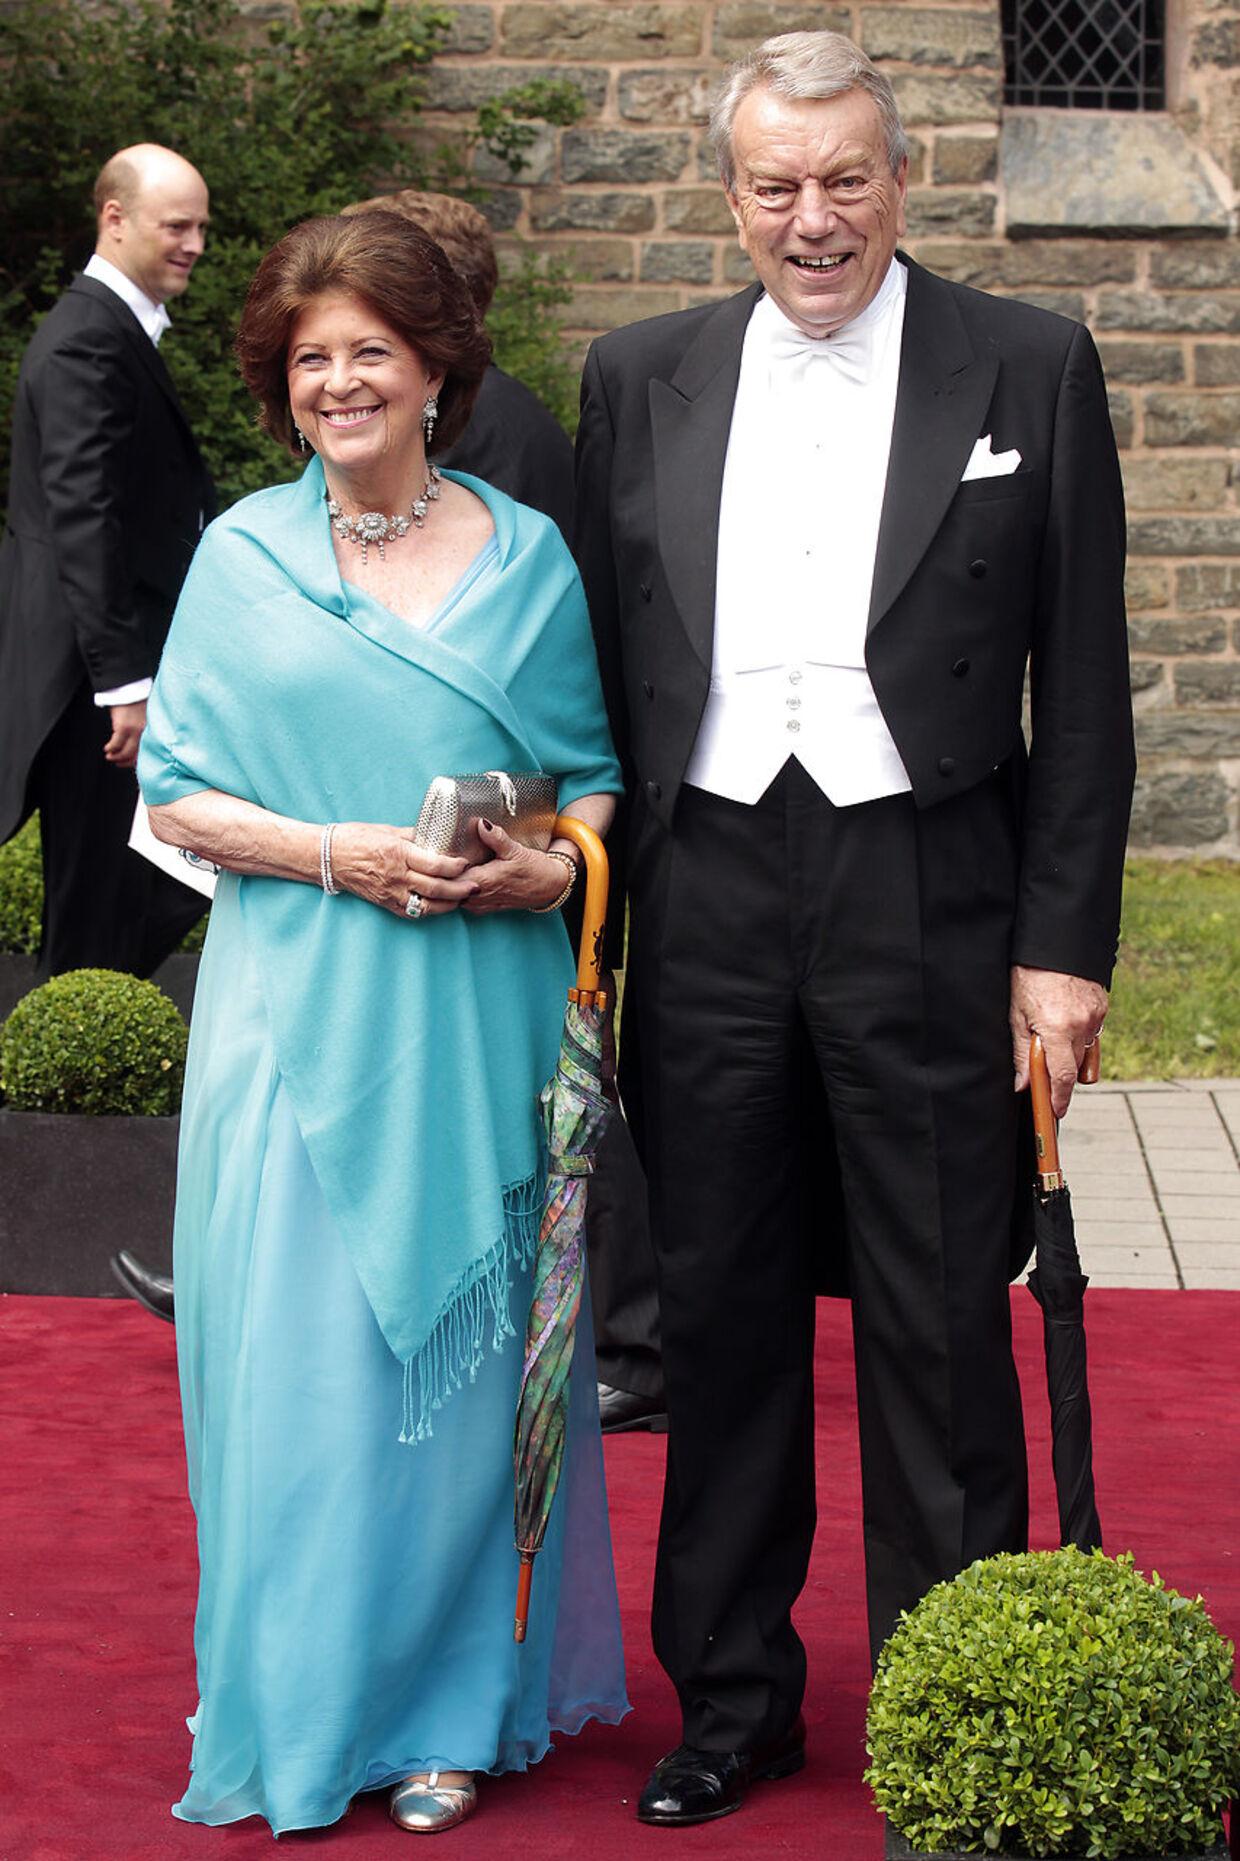 Brita Ahlefeldt-Laurvig og lensgreve Preben er nære venner af dronning Margrethe. De er også parat til at støtte Dronnigen, hvis hun har behov for det.